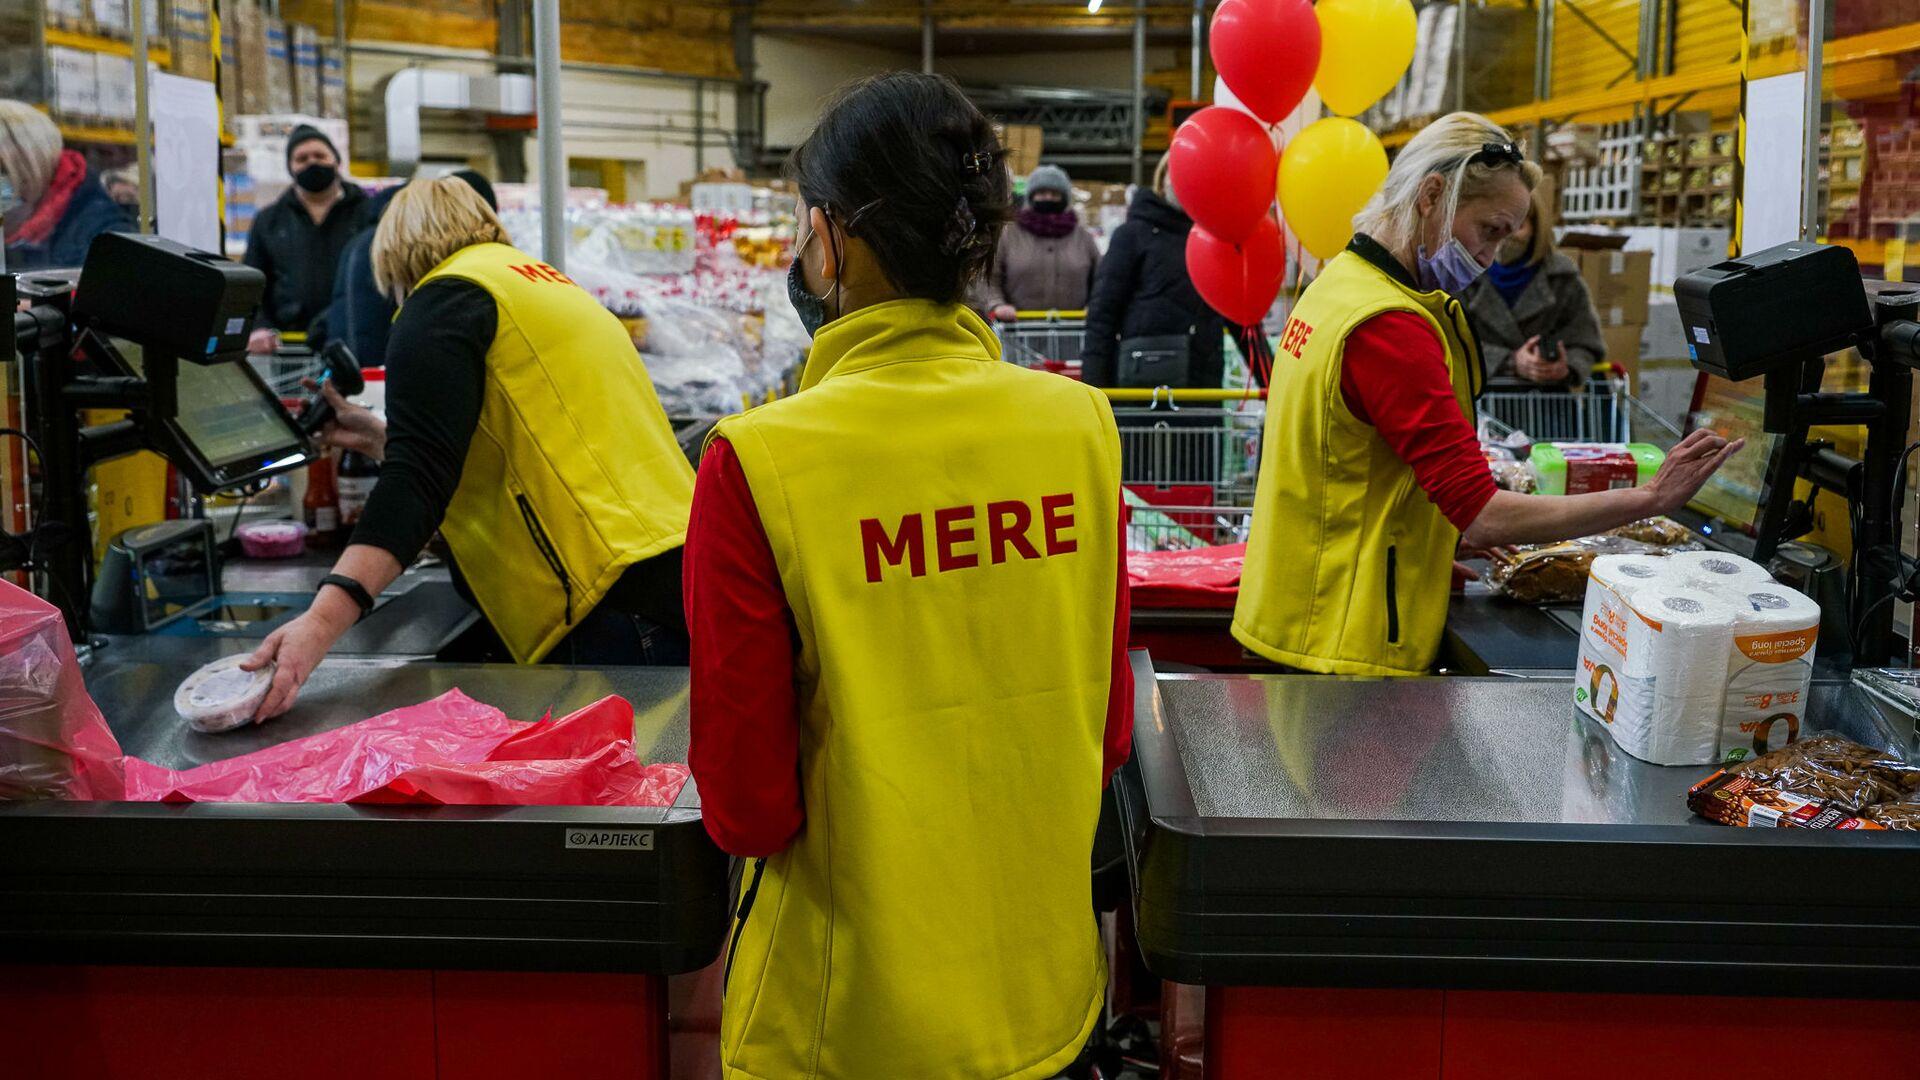 В Риге открылся российский магазин-дискаунтер торговой сети Mere - Sputnik Латвия, 1920, 21.05.2021